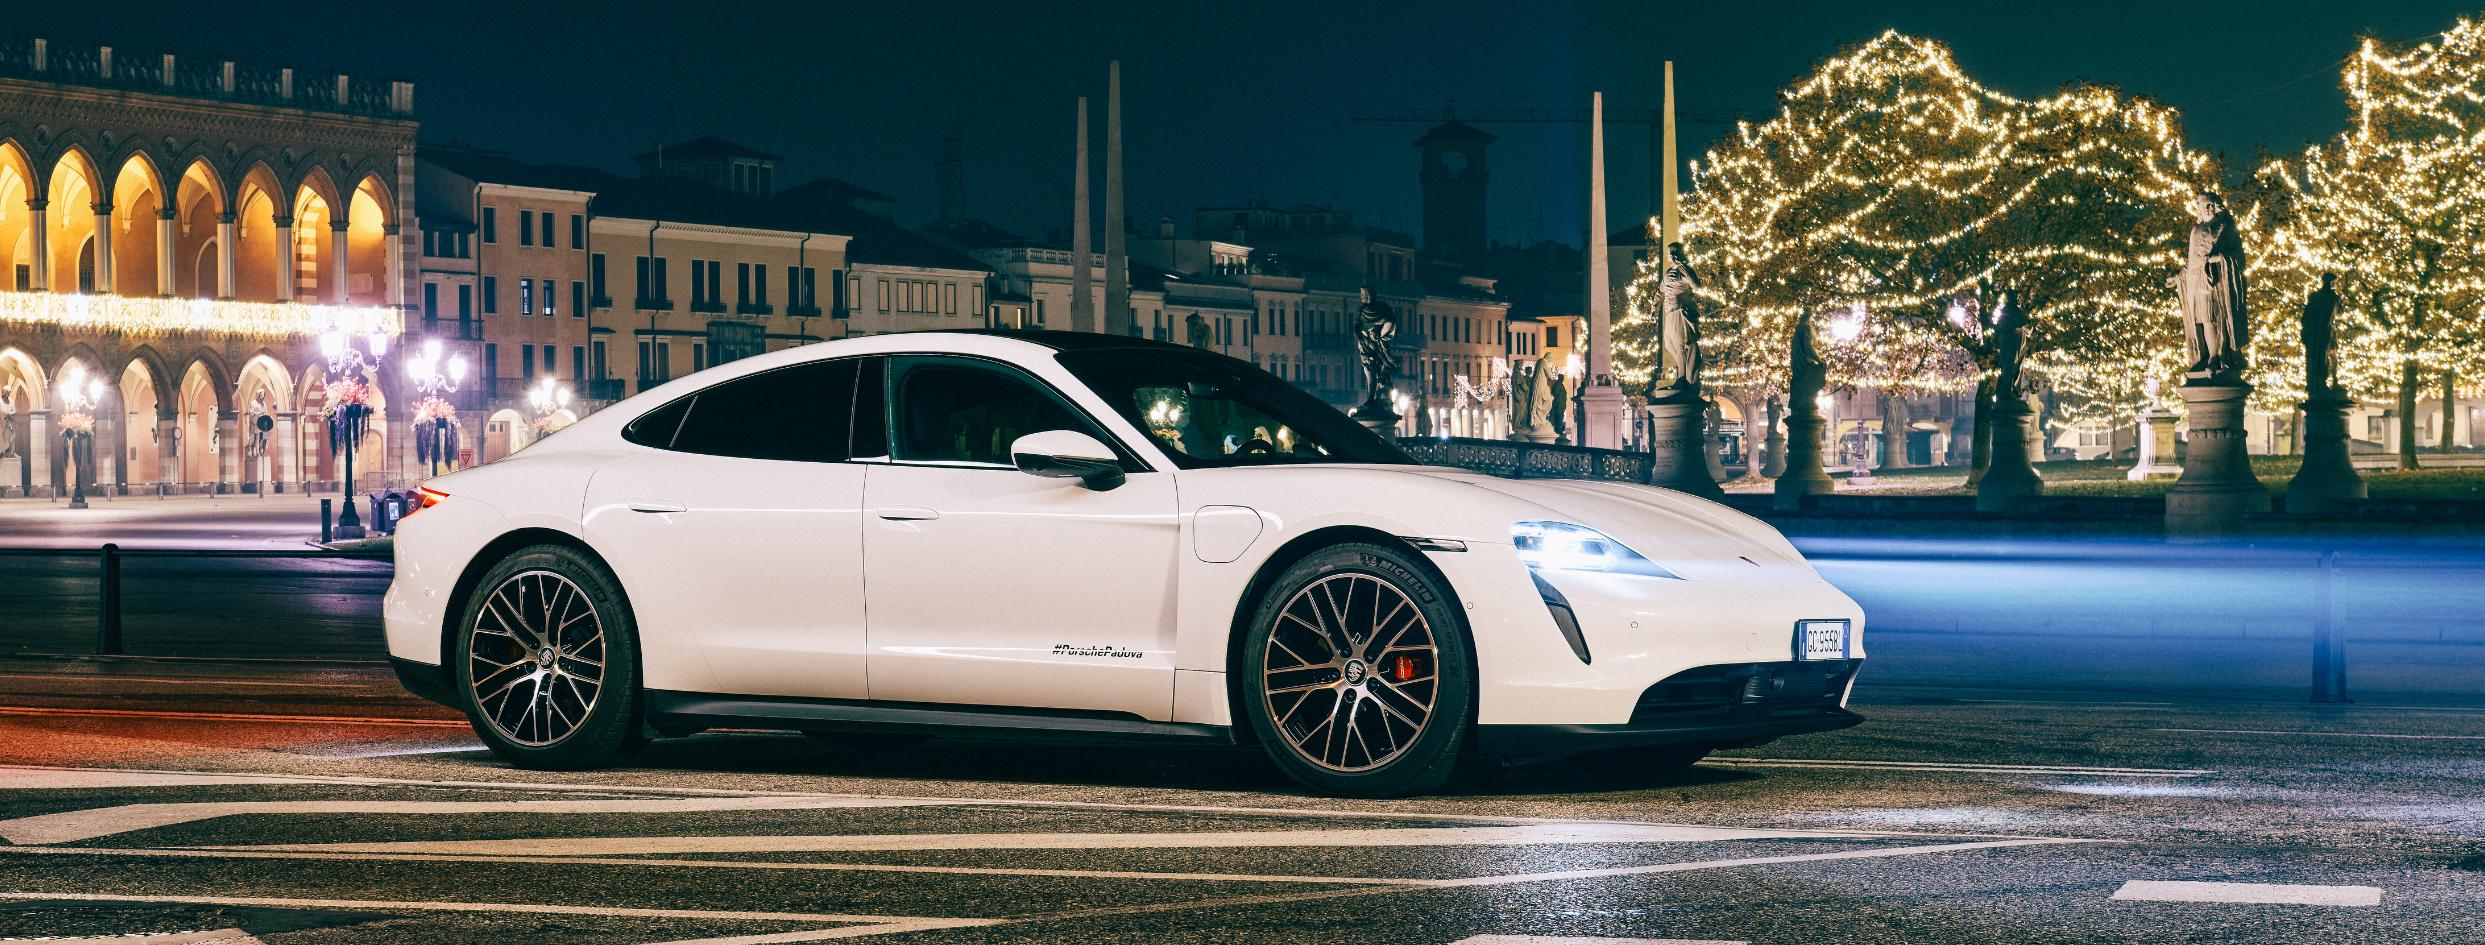 La nuova Porsche Taycan